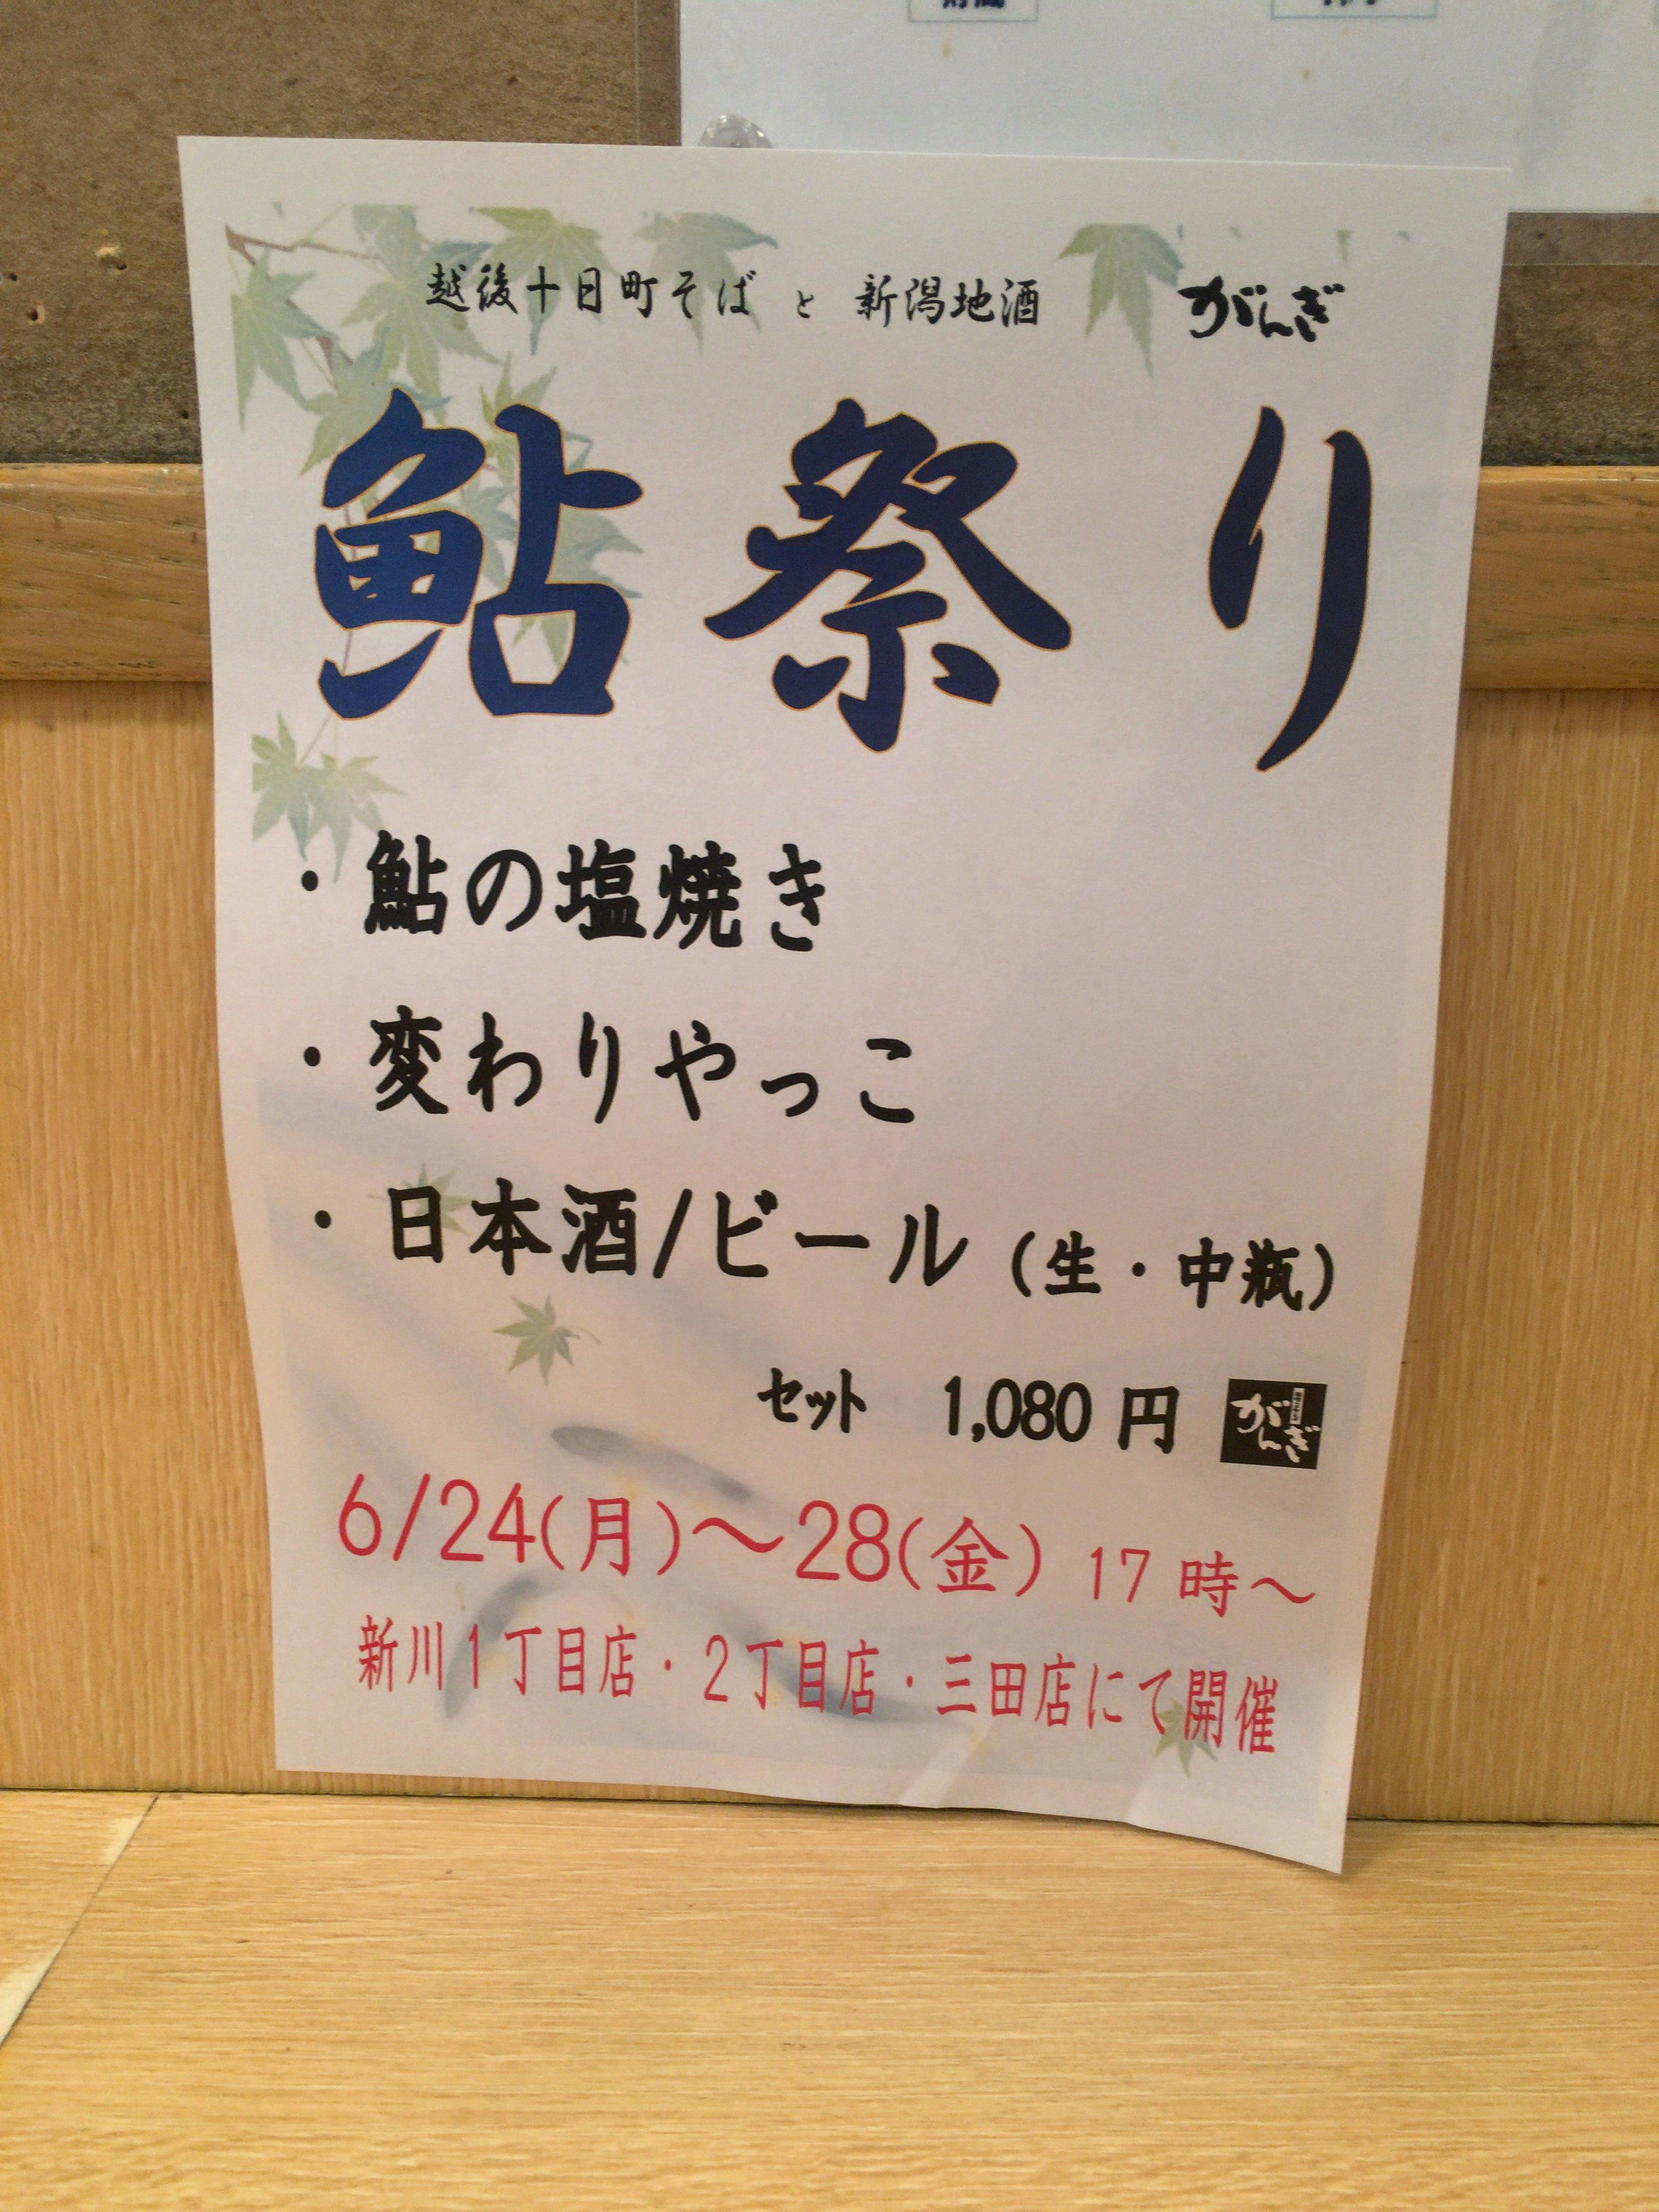 がんぎそば 鮎祭り(6/24〜6/28)